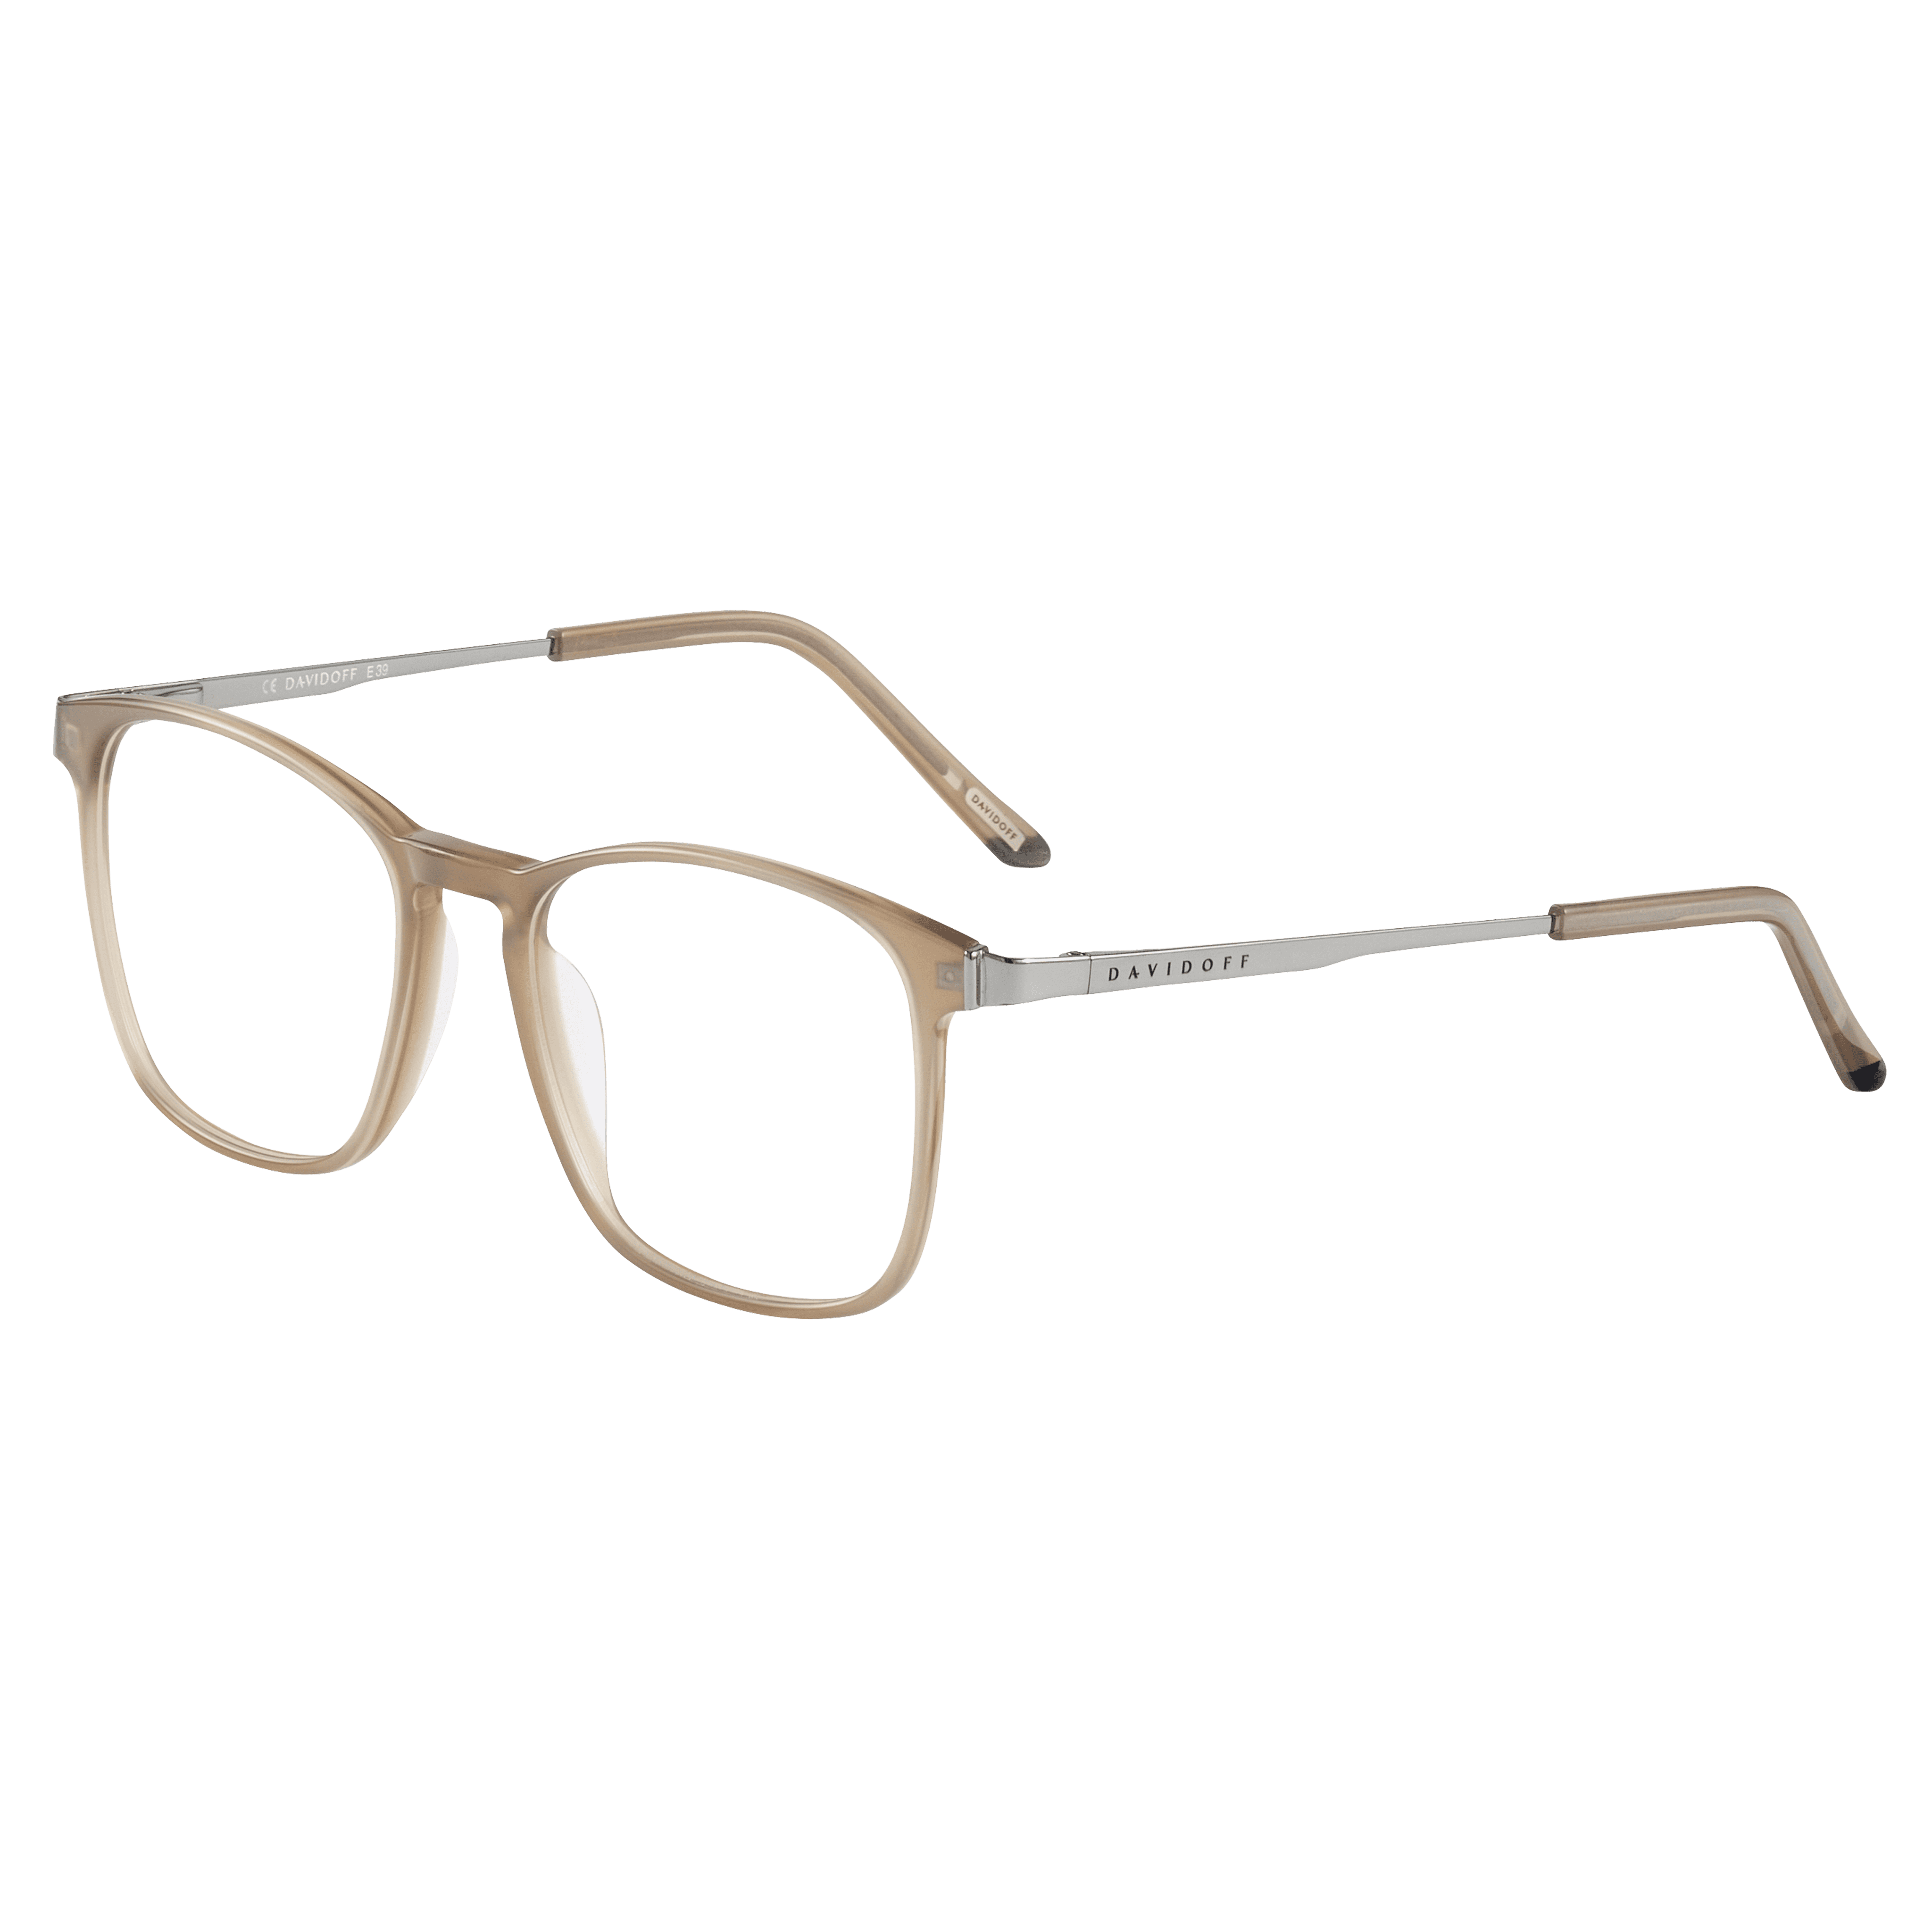 Optical frame – Mod. 92031 color ref. 4224